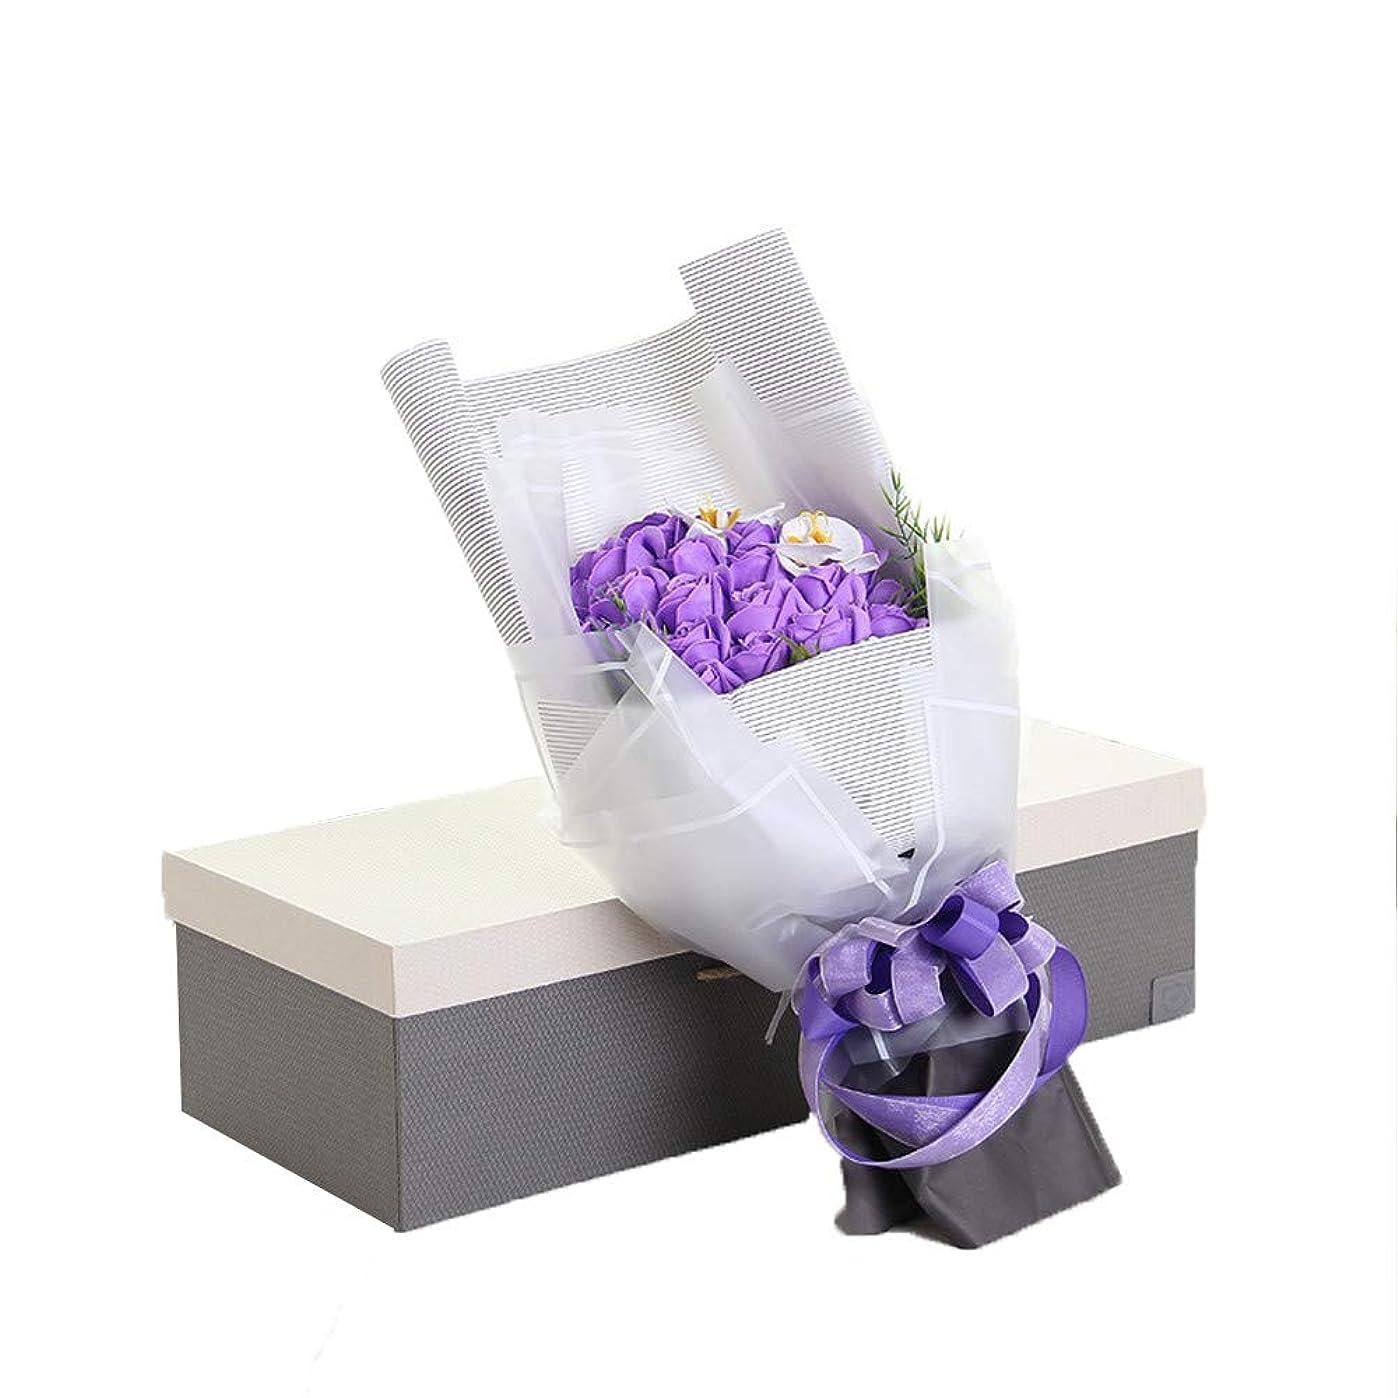 もっと説教居眠りする手作り29石鹸花の花束ギフトボックス、女性のためのギフトバレンタインデー、母の日、結婚式、クリスマス、誕生日(ベアカラーランダム) (色 : 紫の)